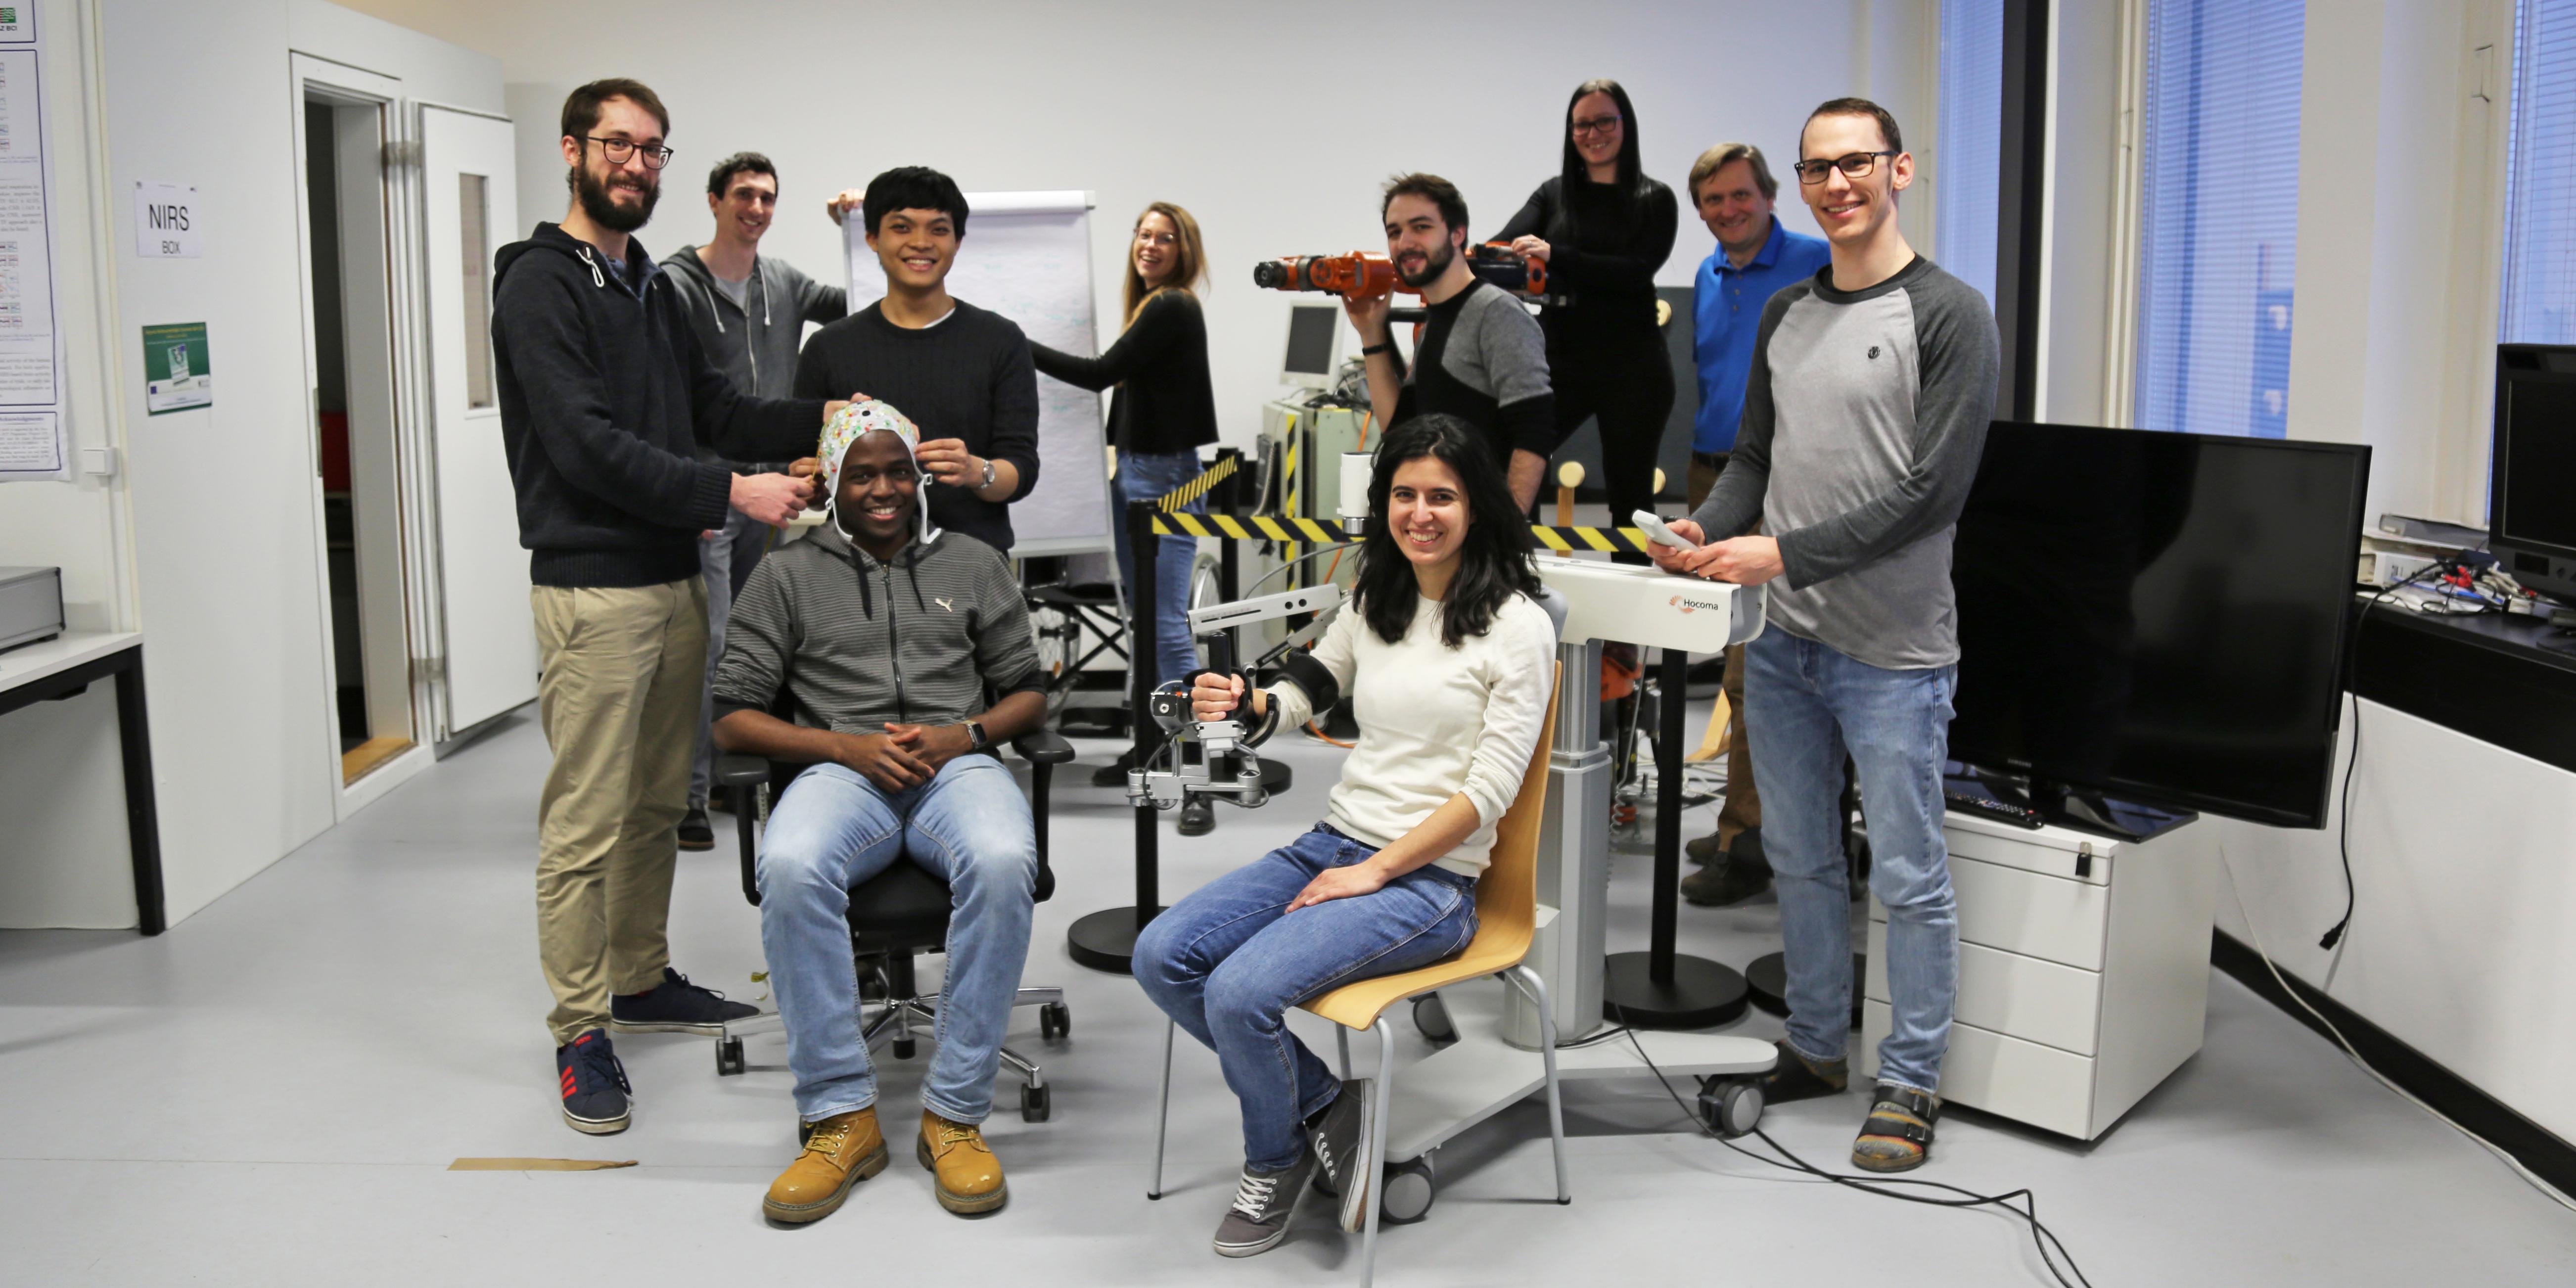 Mitglieder des BCI Racing Teams 2018 mit diversen technischen Assistenzsystemen in einem hell eingerichteten Arbeitsraum am Institut für Neurotechnologie.